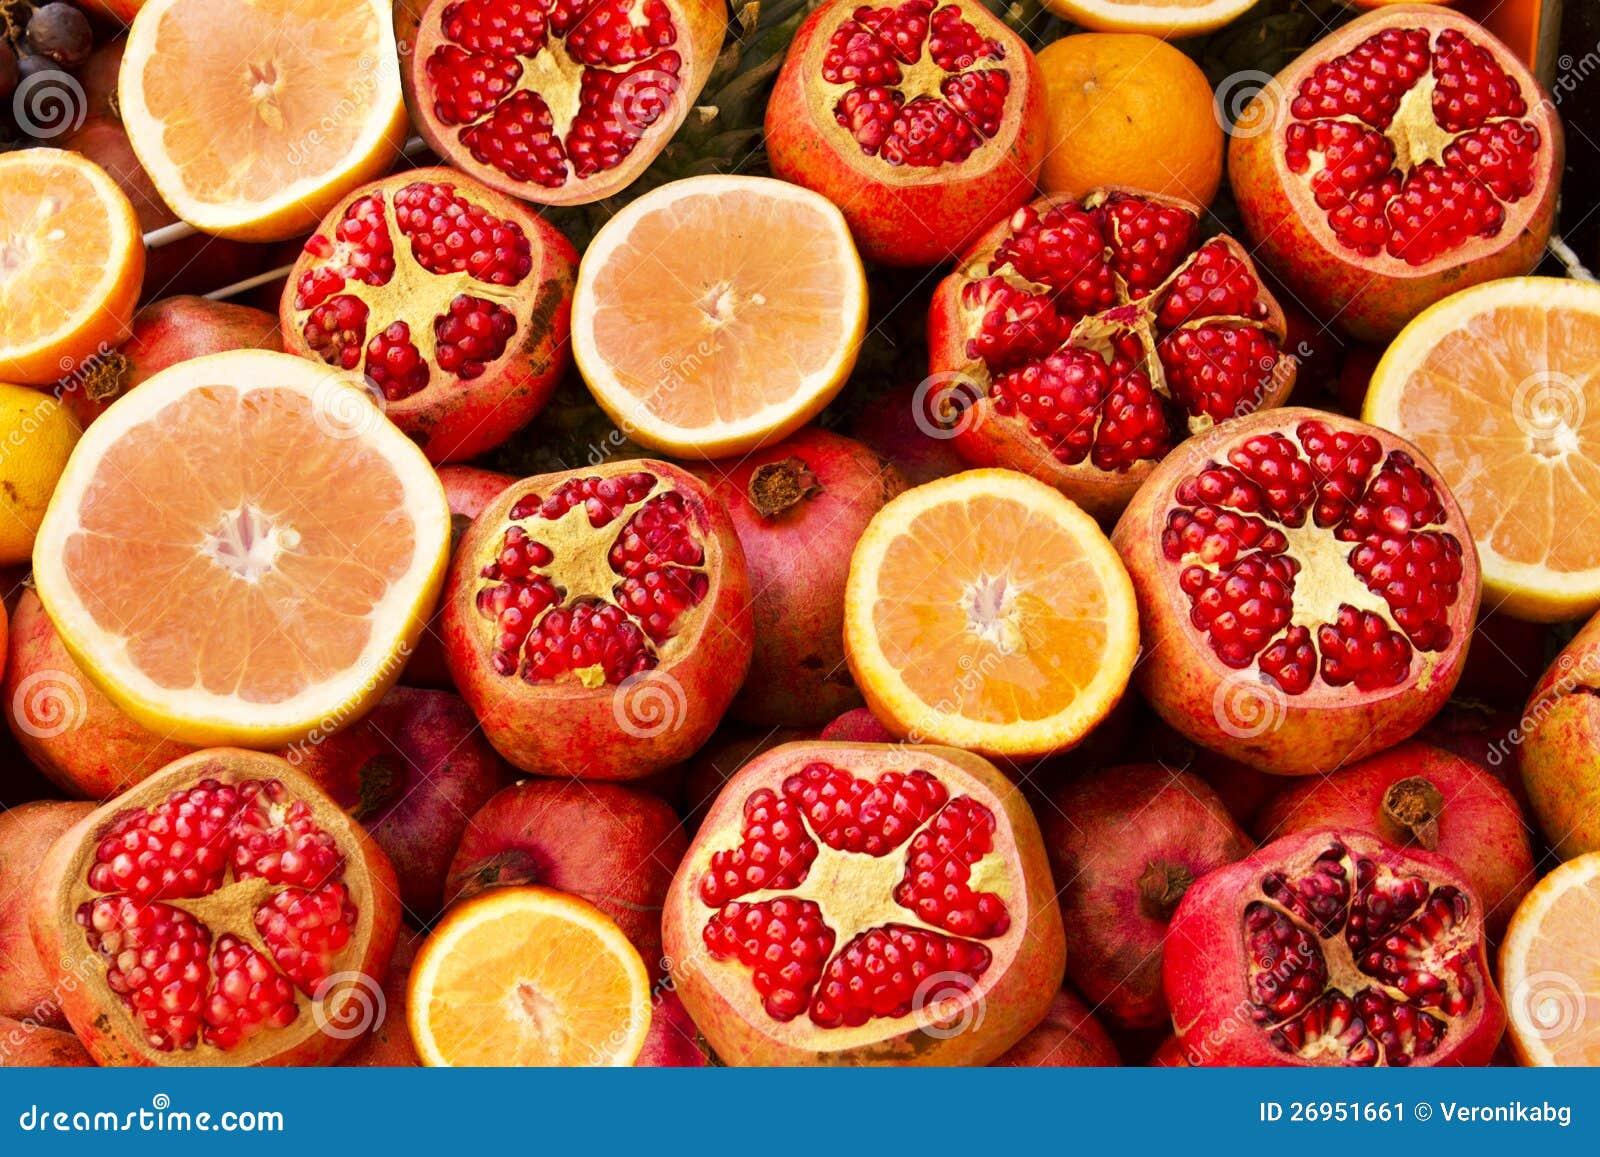 Fresh Pomegranates Grape Fruits And Oranges Stock Image